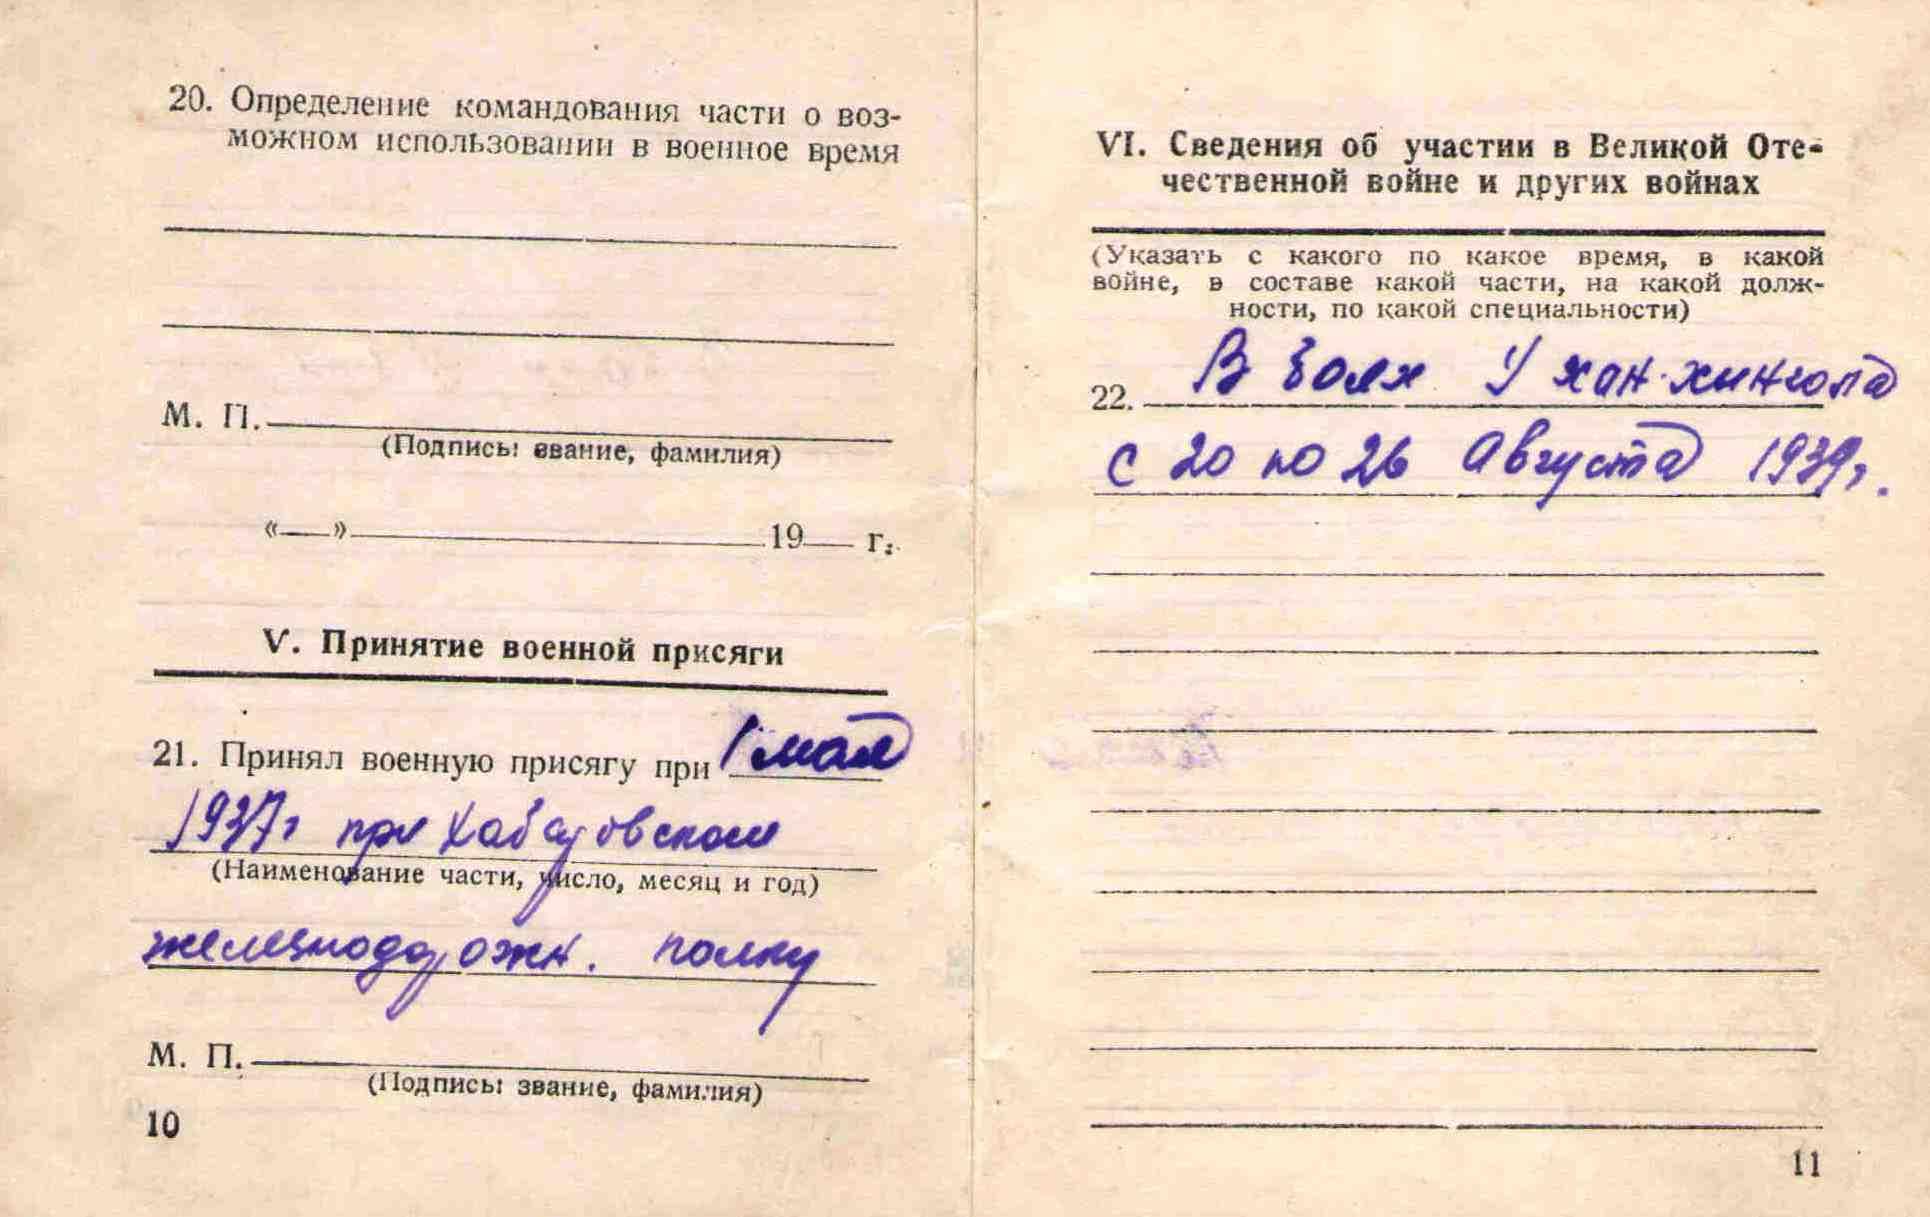 7. Военный билет Барыкина ПП,1948